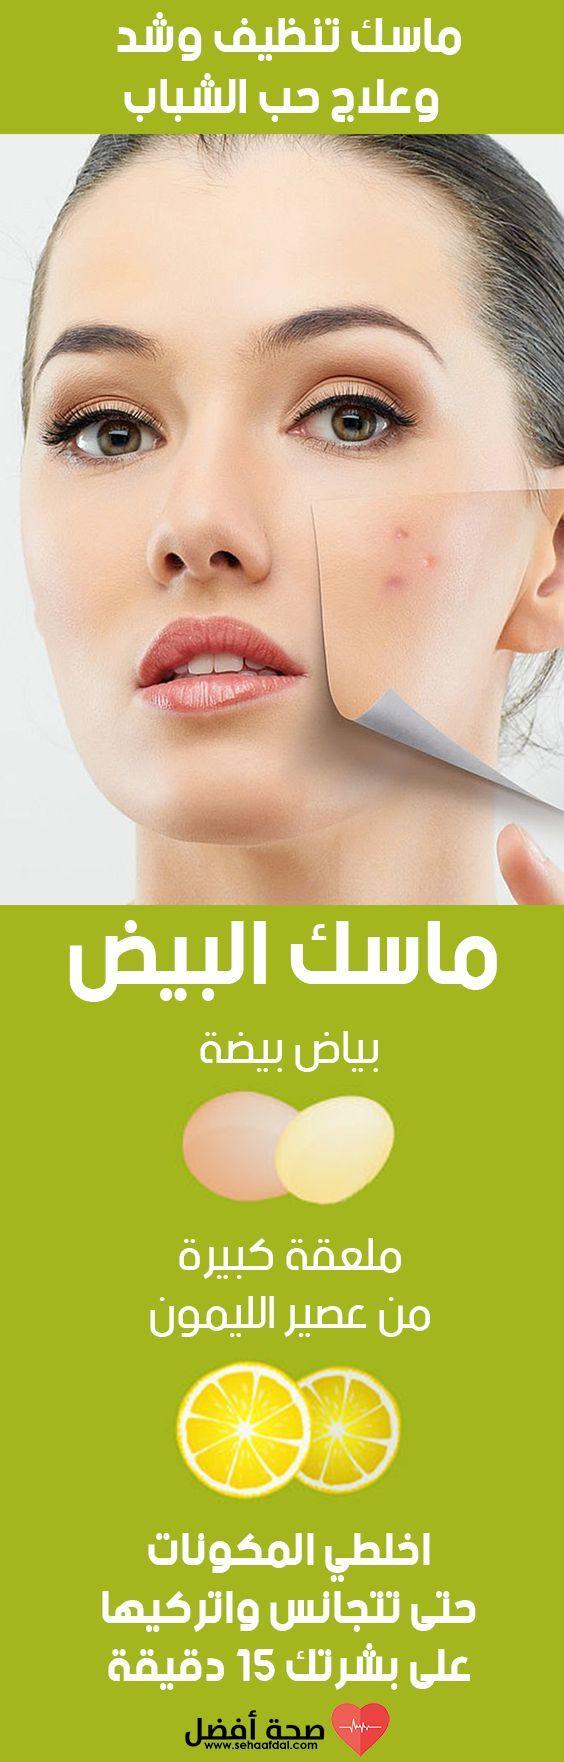 فوائد و طريقة تحضير ماسك للوجه بالبيض والليمون للعناية بالبشرة الدهنية وعلاج حب الشباب والوقاية منه بالاض Beauty Care Routine Beauty Tips For Skin Beauty Skin